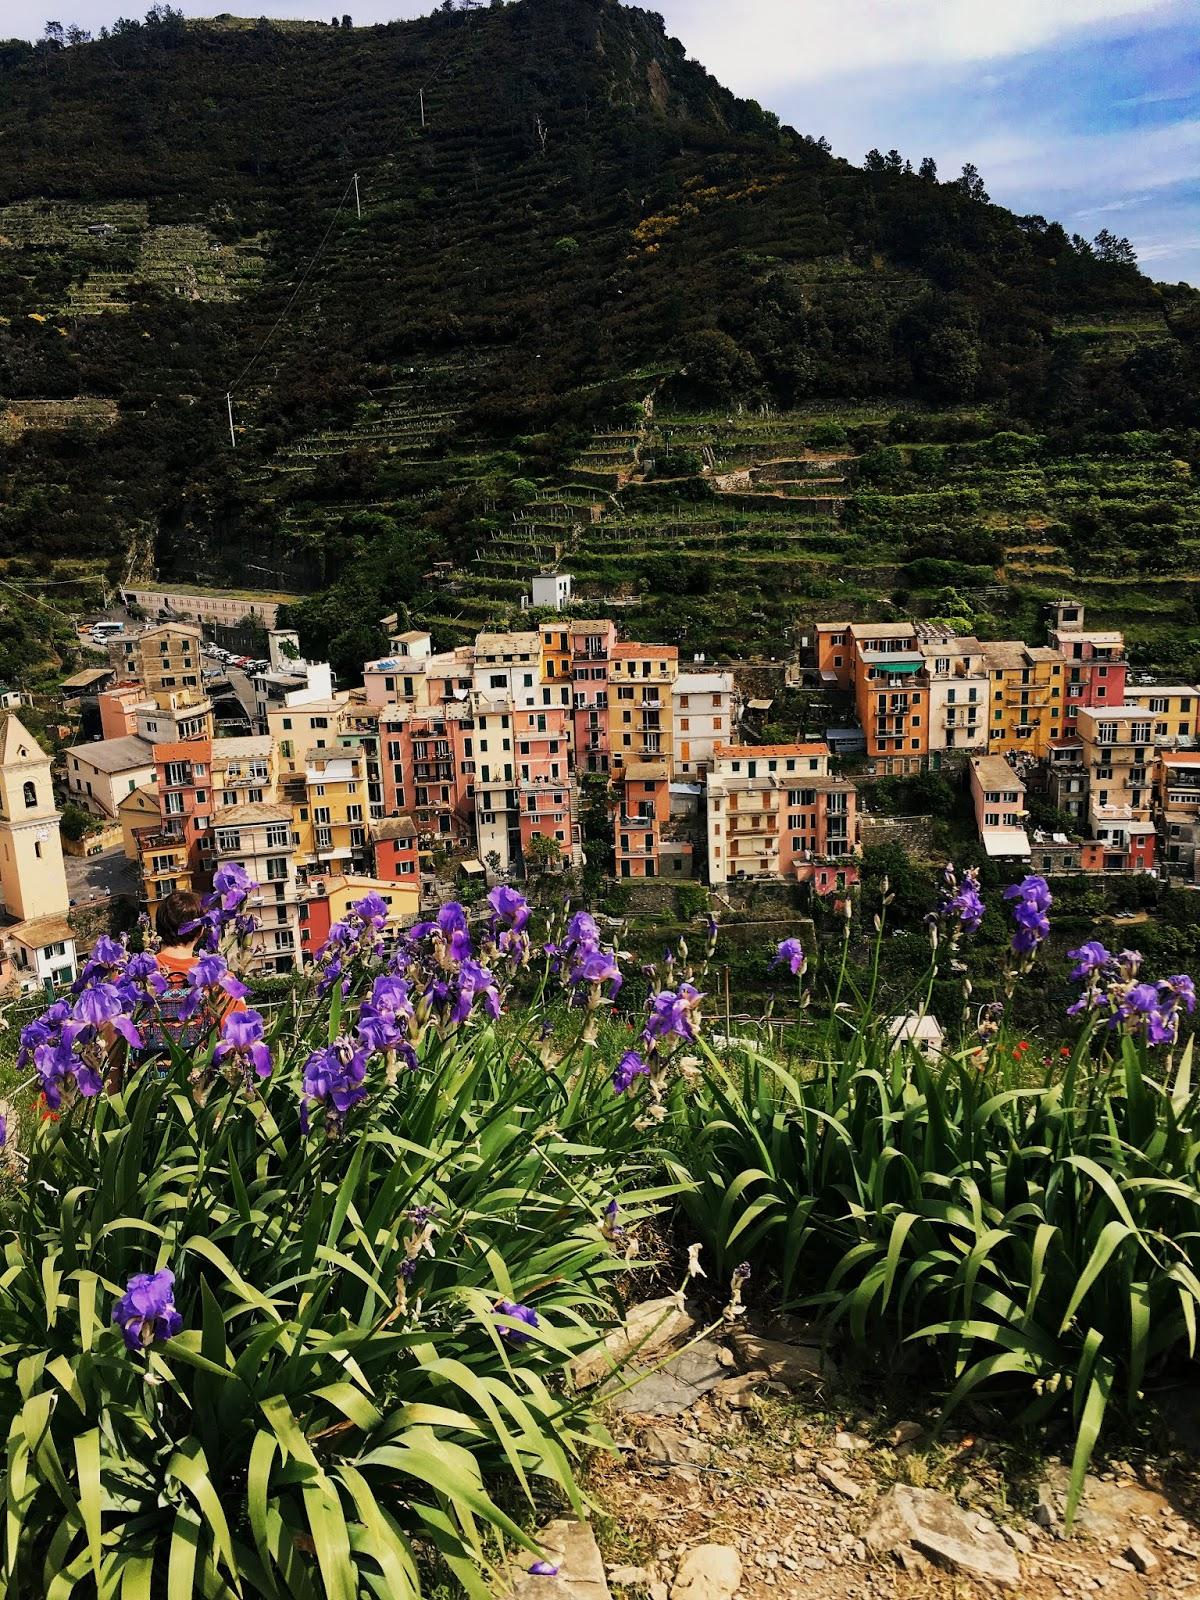 One Day in Cinque Terre, Liguria